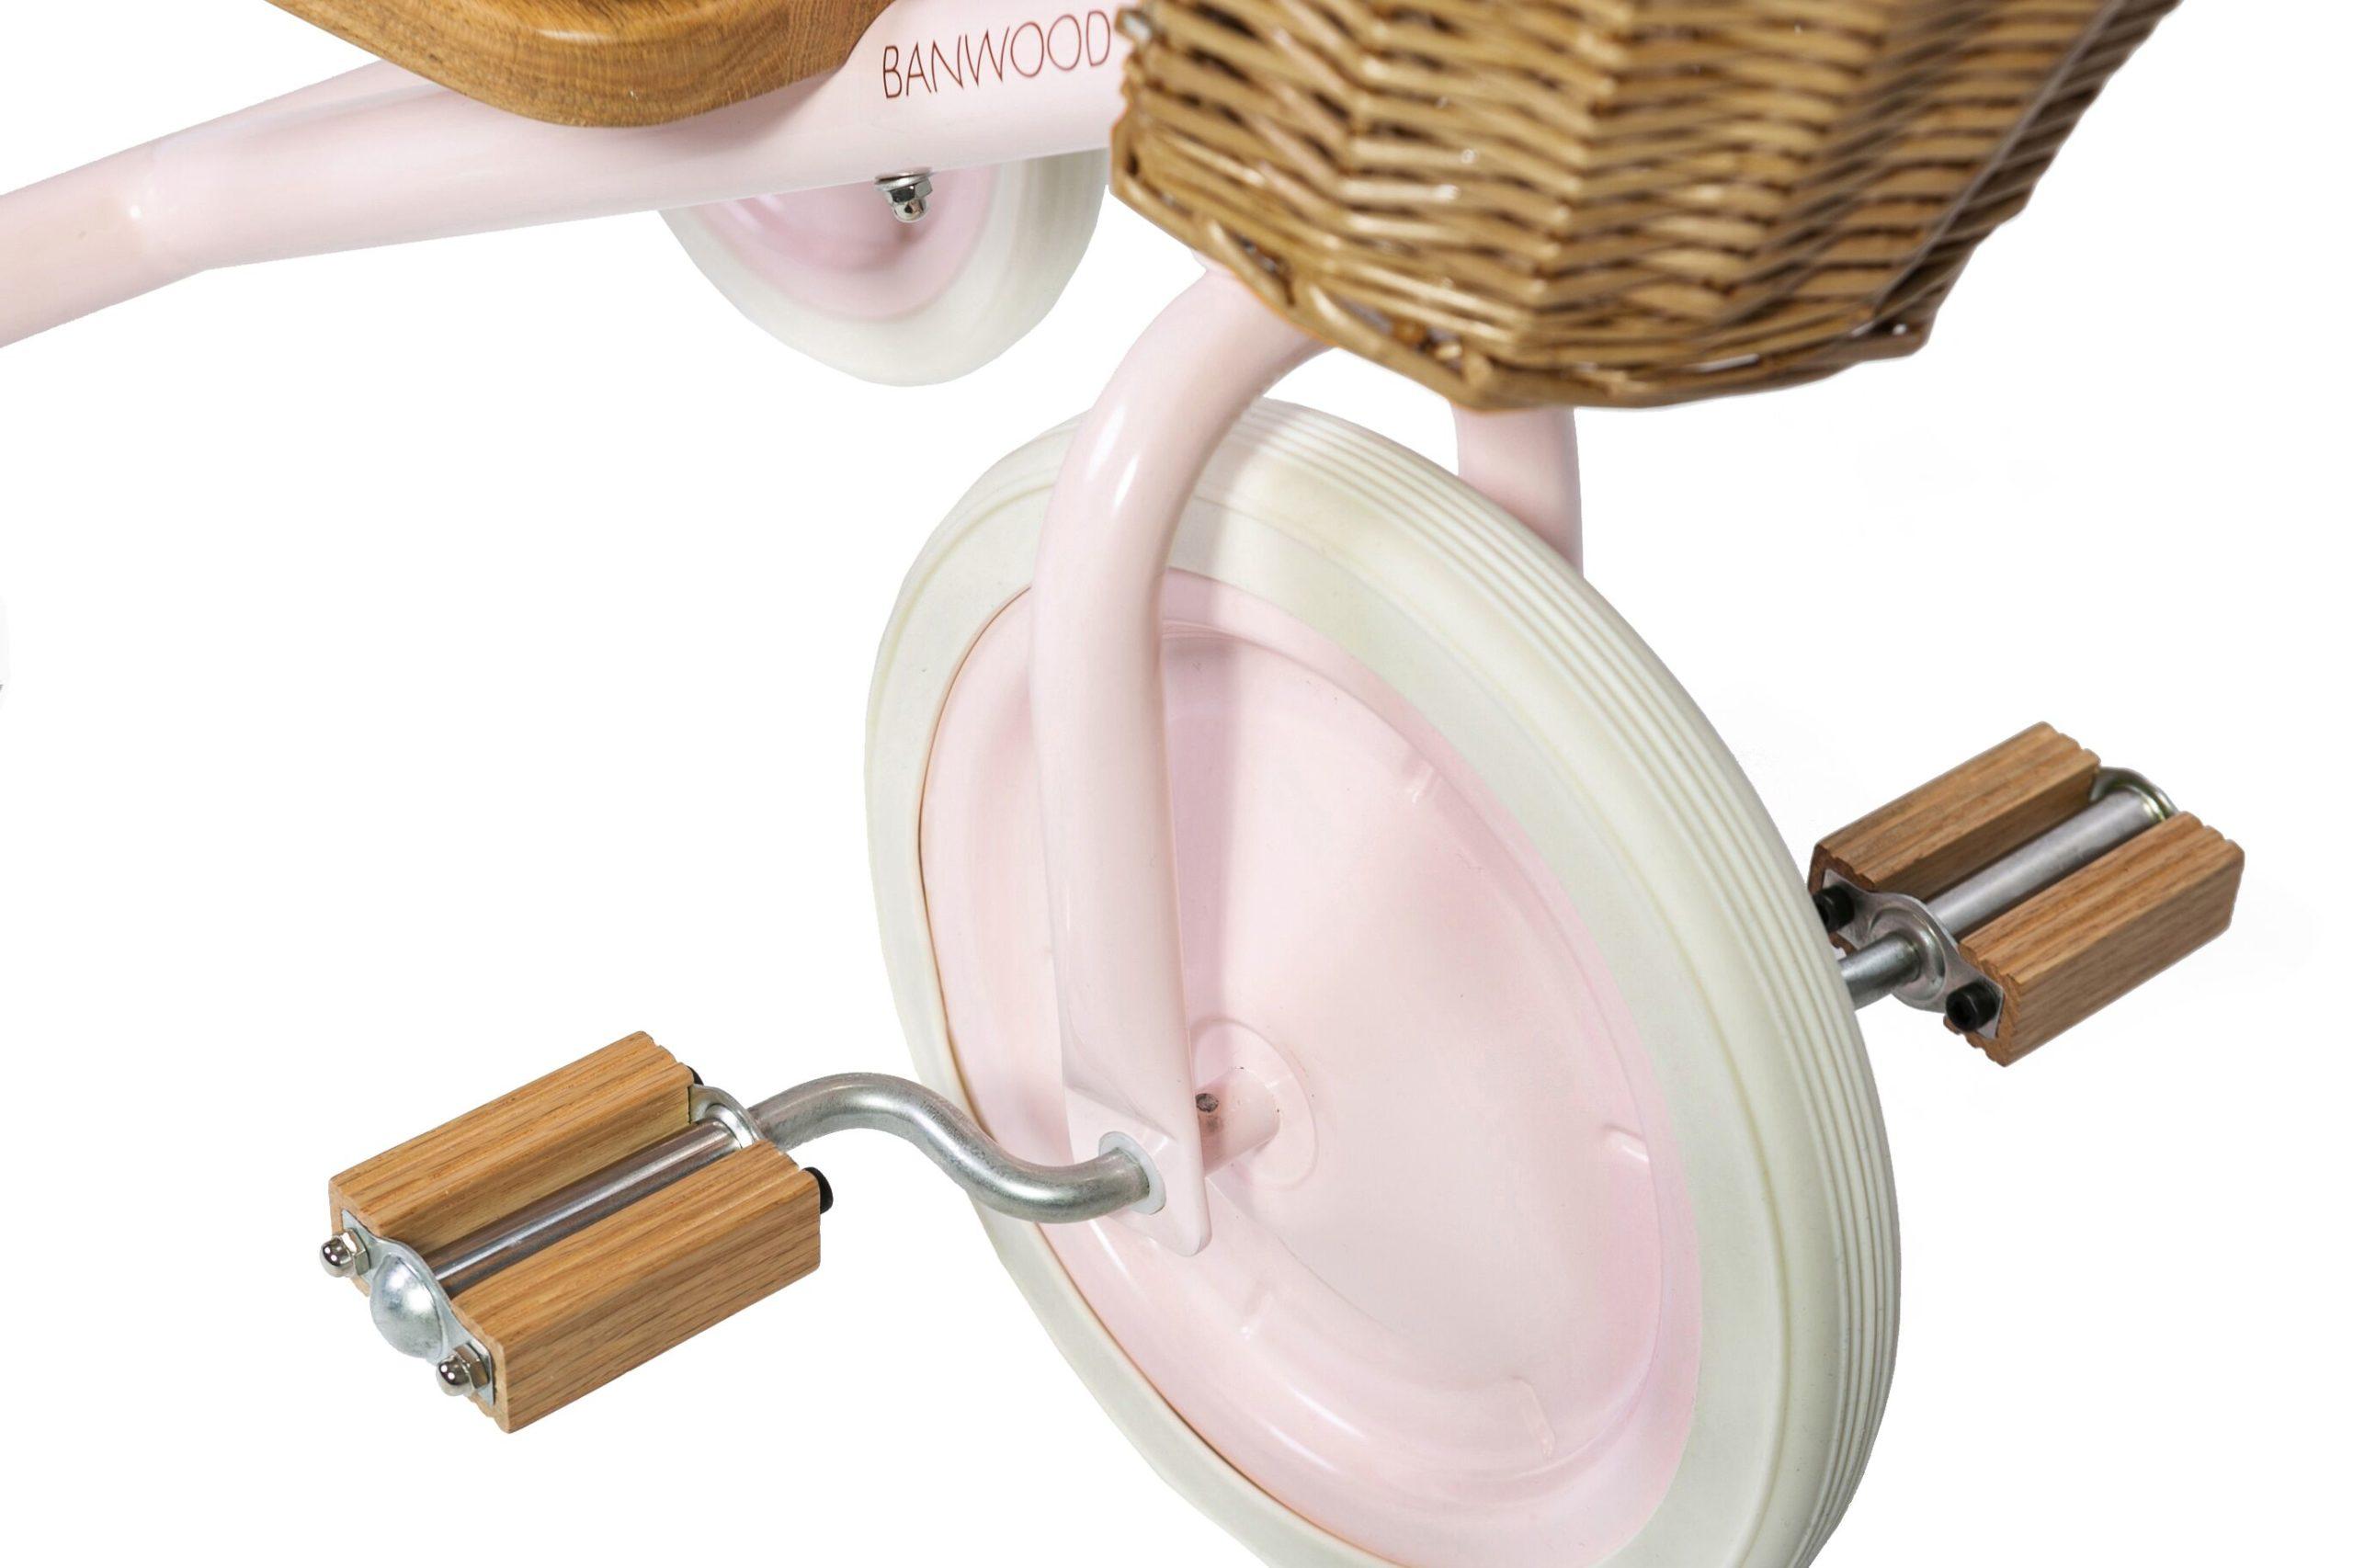 Banwood Trike (pink)